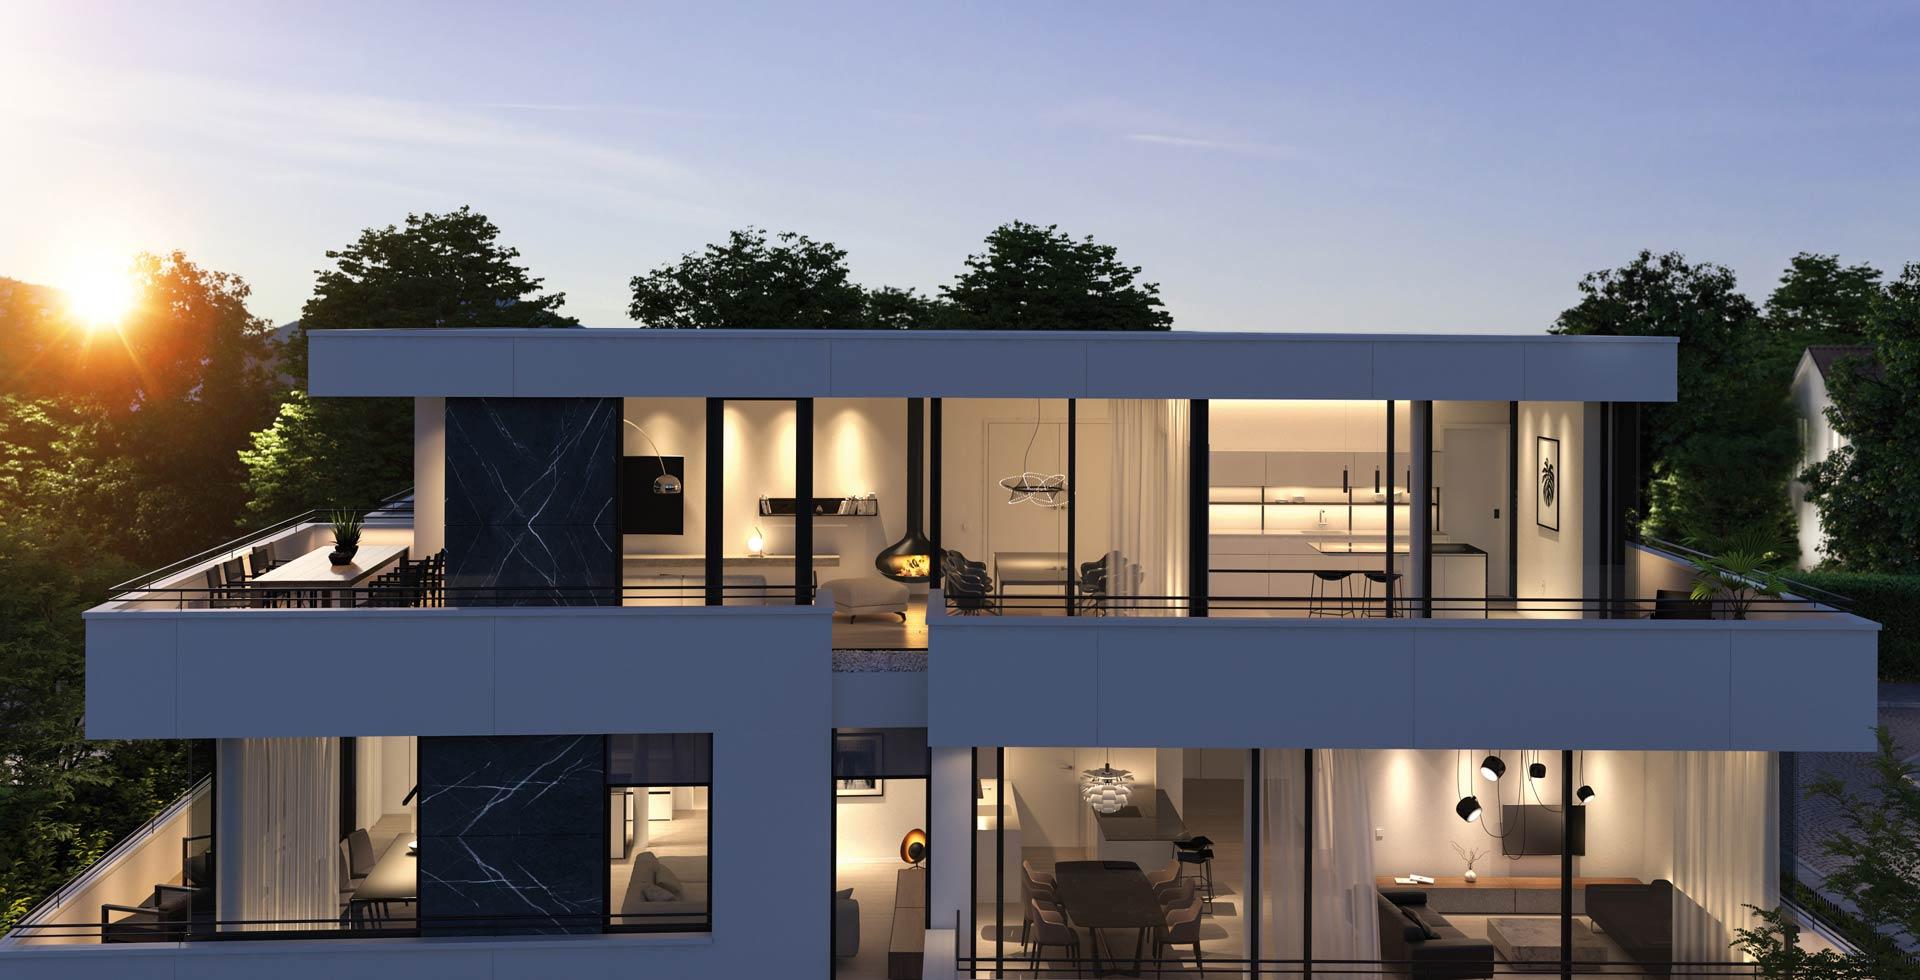 LHOMES_Neubauimmobilie_Flemingstr-München-Architektur-4-Aussenansicht